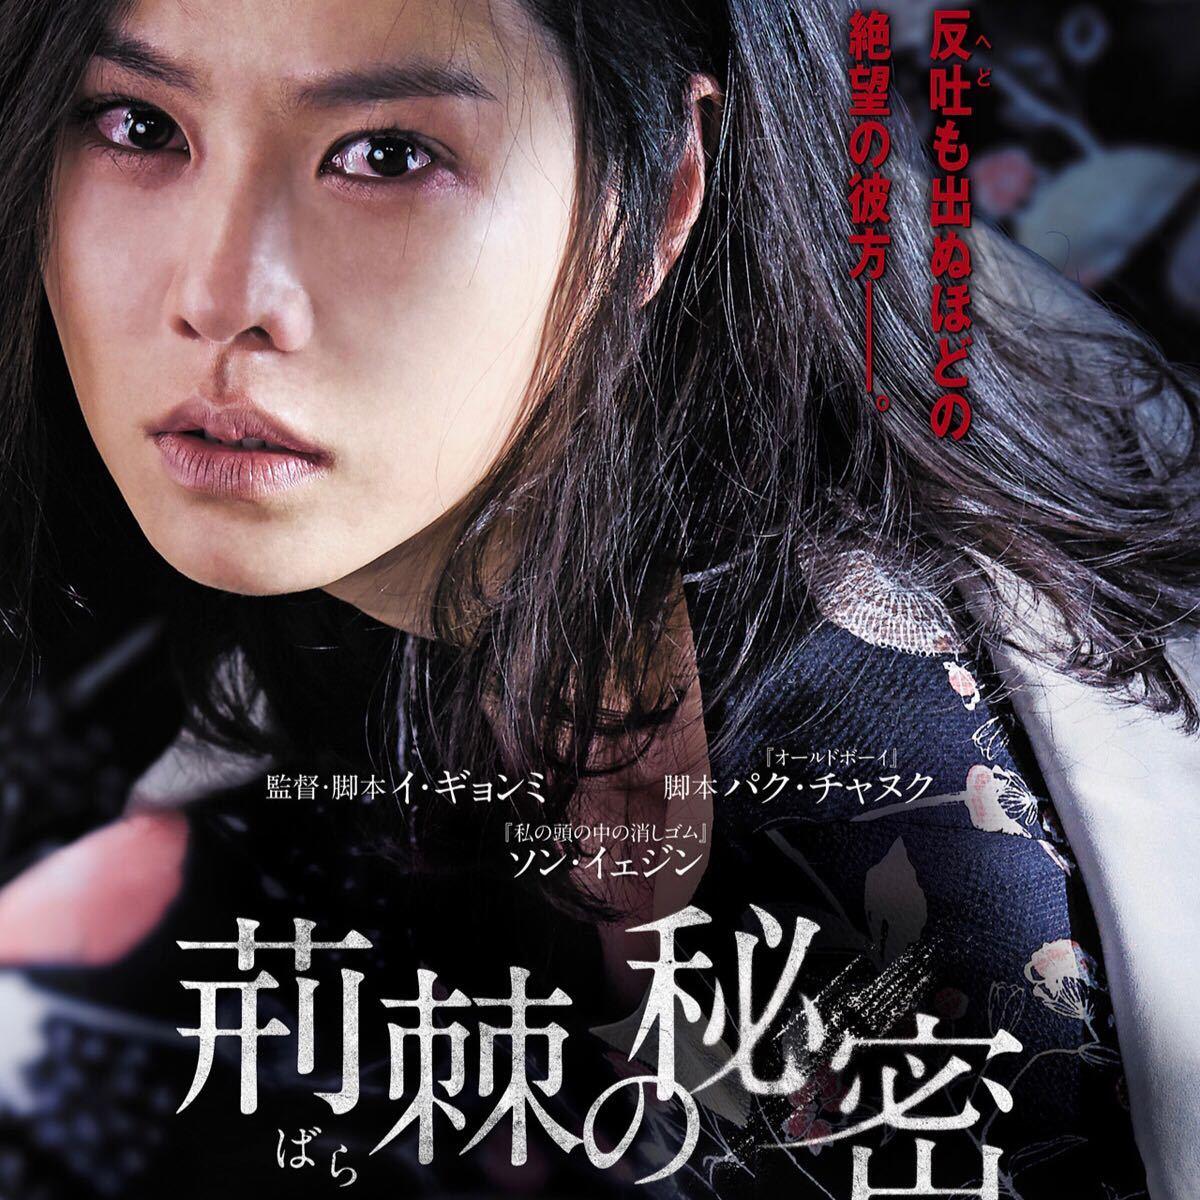 韓国映画  荊棘の秘密  ソン・イェジン  DVD  日本語吹替有り  レーベル有り